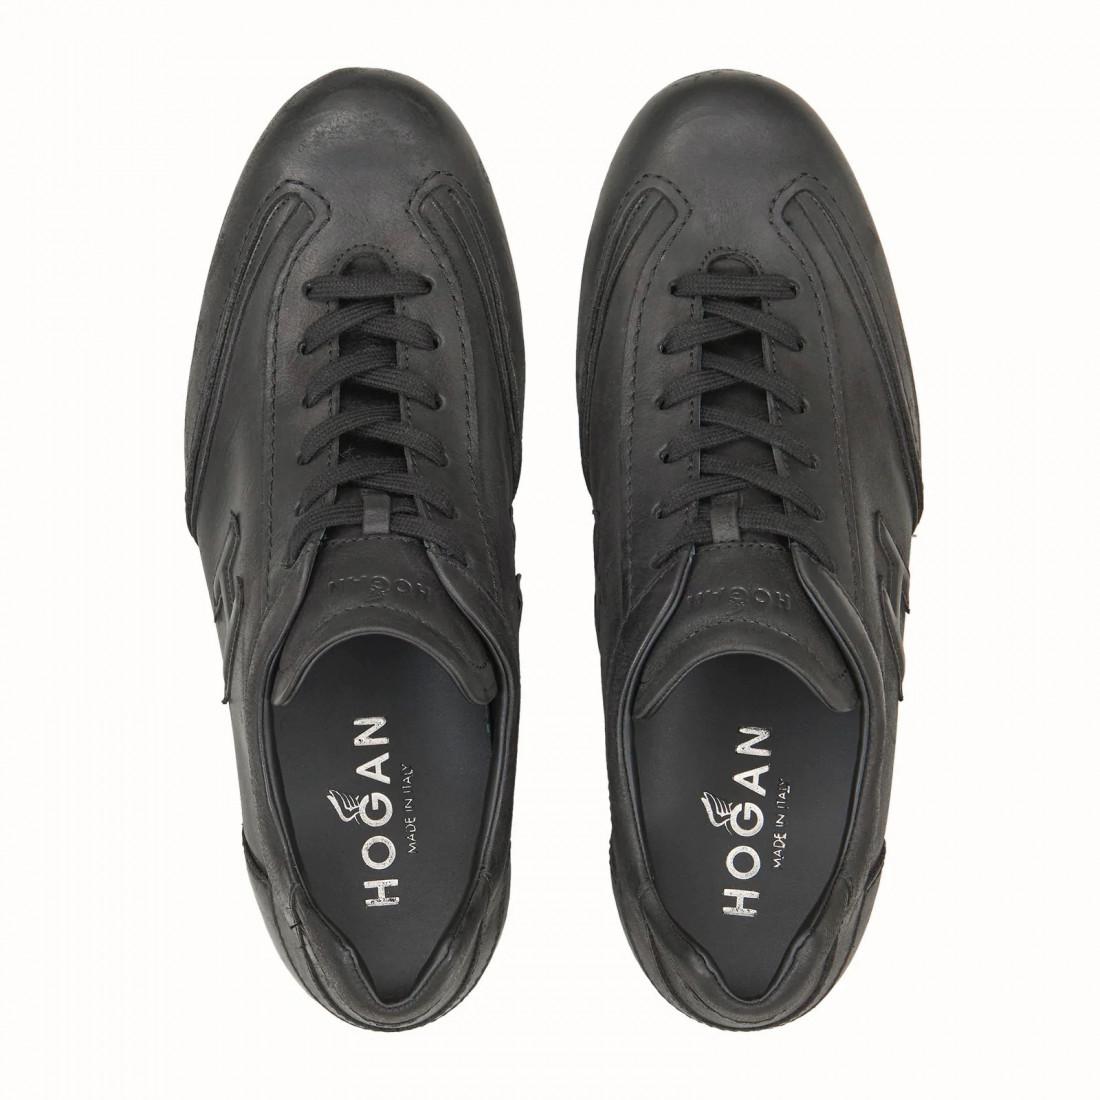 sneakers herren hogan hxm0520i976px6b999 7537